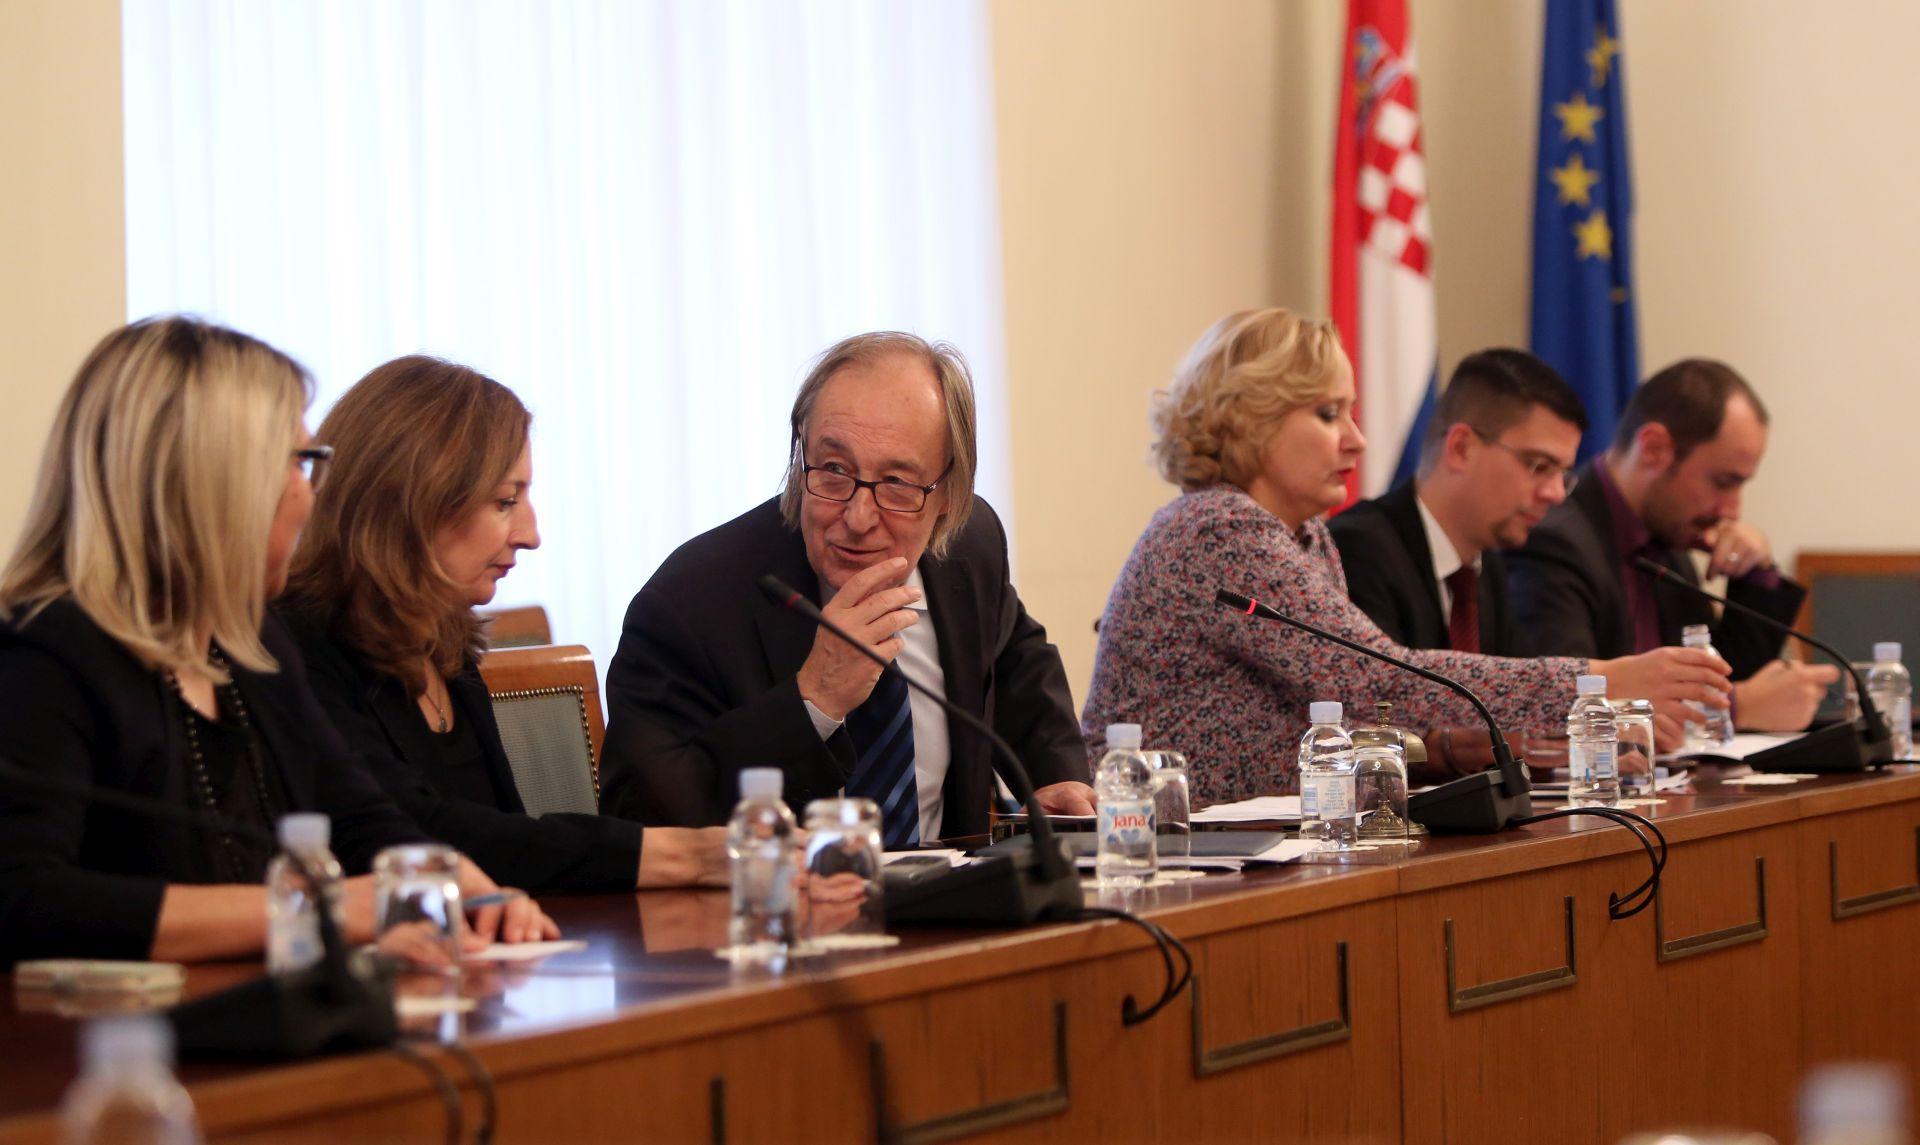 Odbor za ljudska prava bez rasprave o zahtjevu 'U ime obitelji' za obustavu novca 'Novostima'